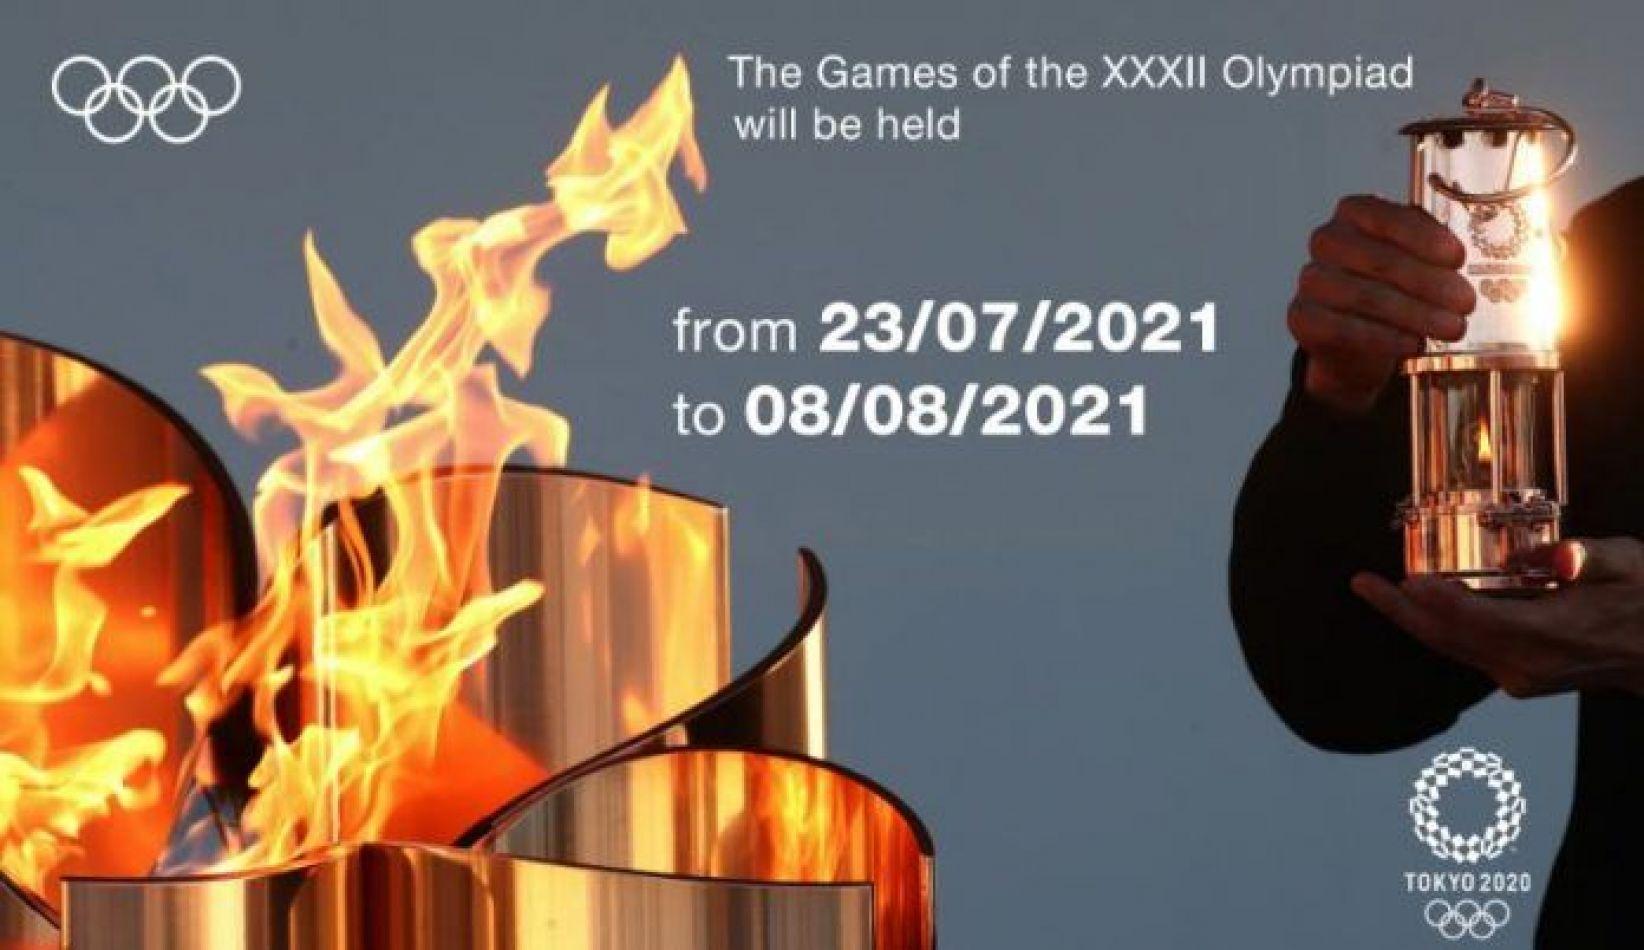 Los Juegos Olímpicos de Tokio tienen fecha confirmada para 2021